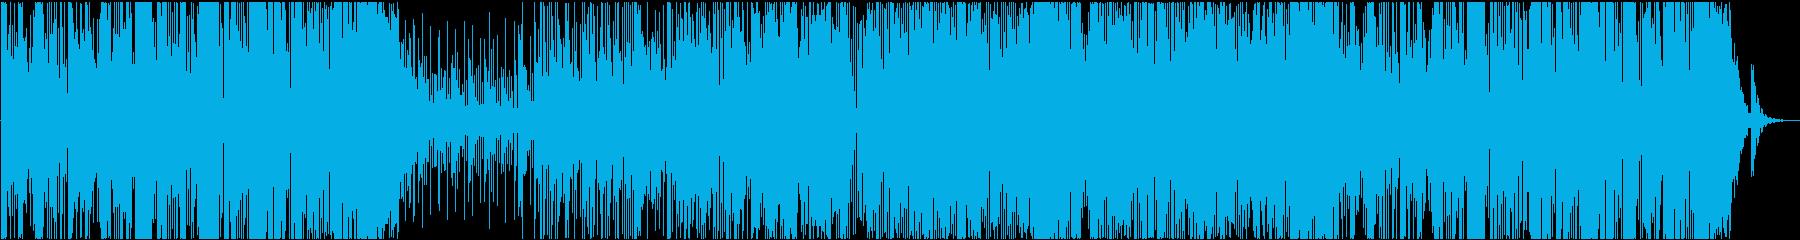 サックスが切ないミディアムボサノバの再生済みの波形